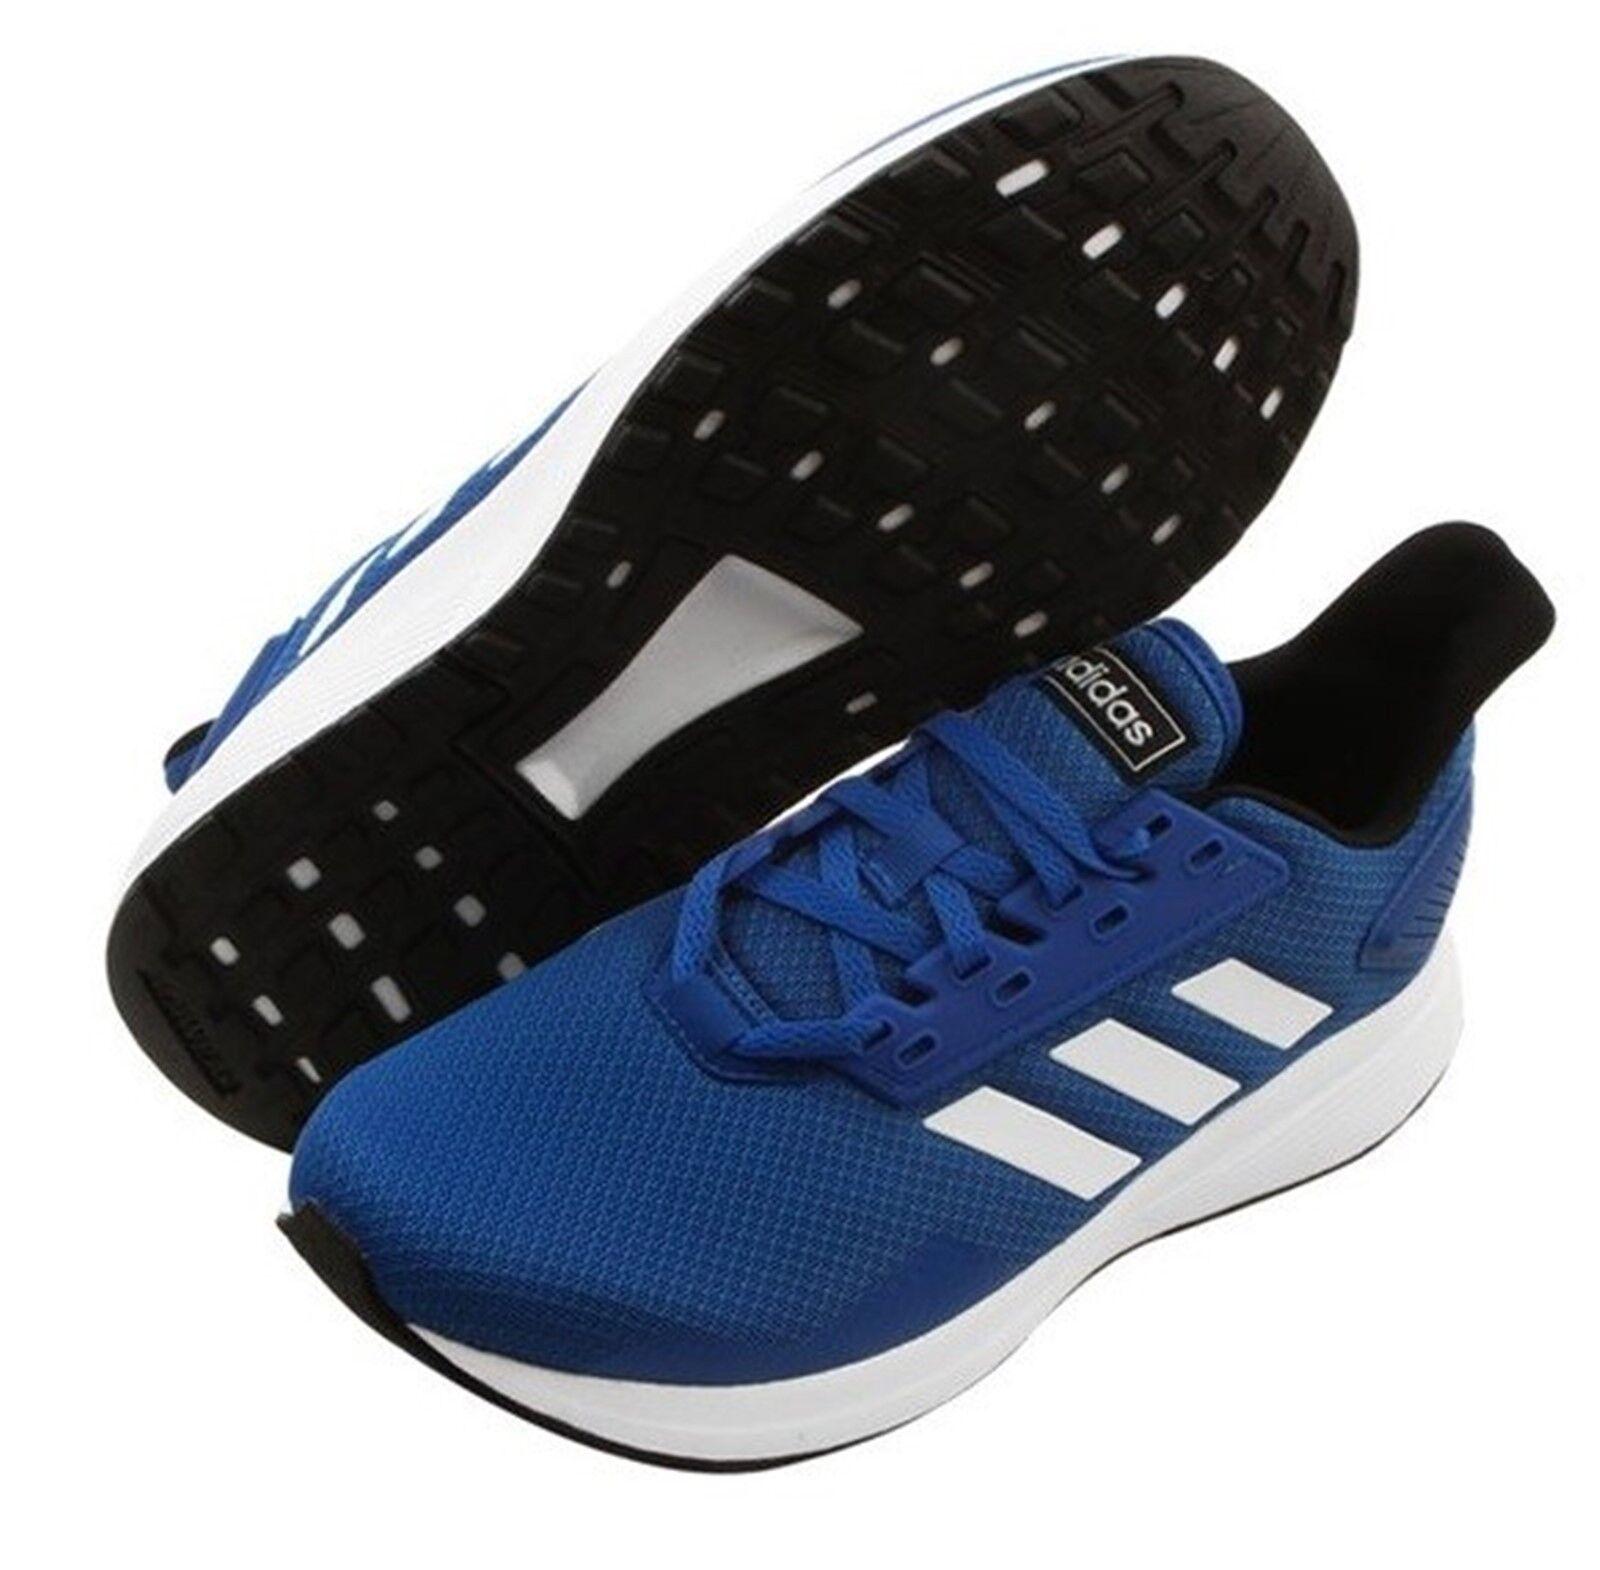 Adidas Men Duramo 9 Training Adiwear shoes bluee Running Sneakers shoes BB7067